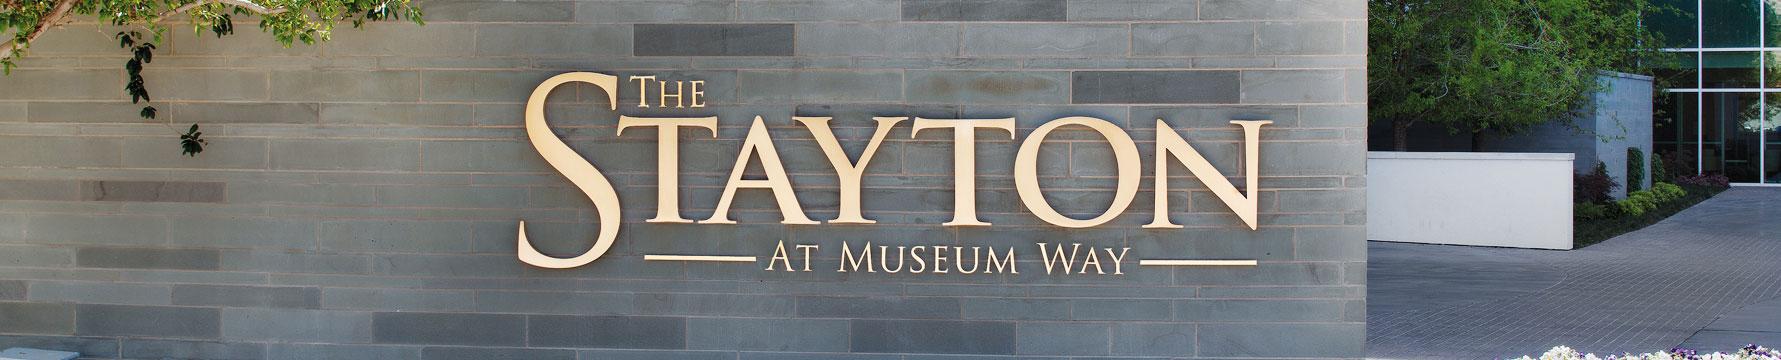 Stayton at Museum Way logo